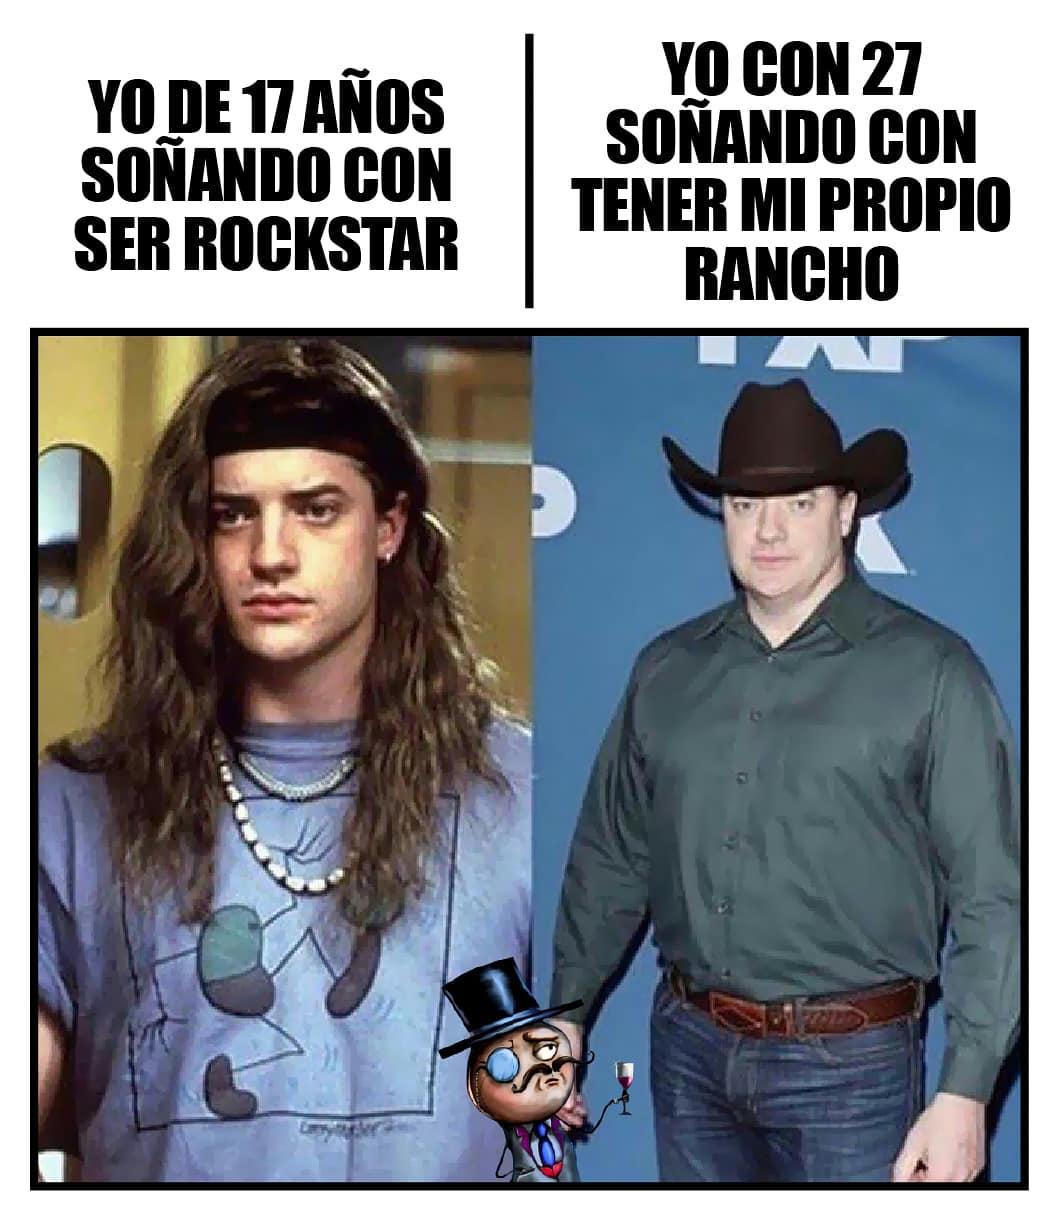 Yo de 17 años soñando con ser Rockstar. / Yo con 27 soñando con tener mi propio rancho.